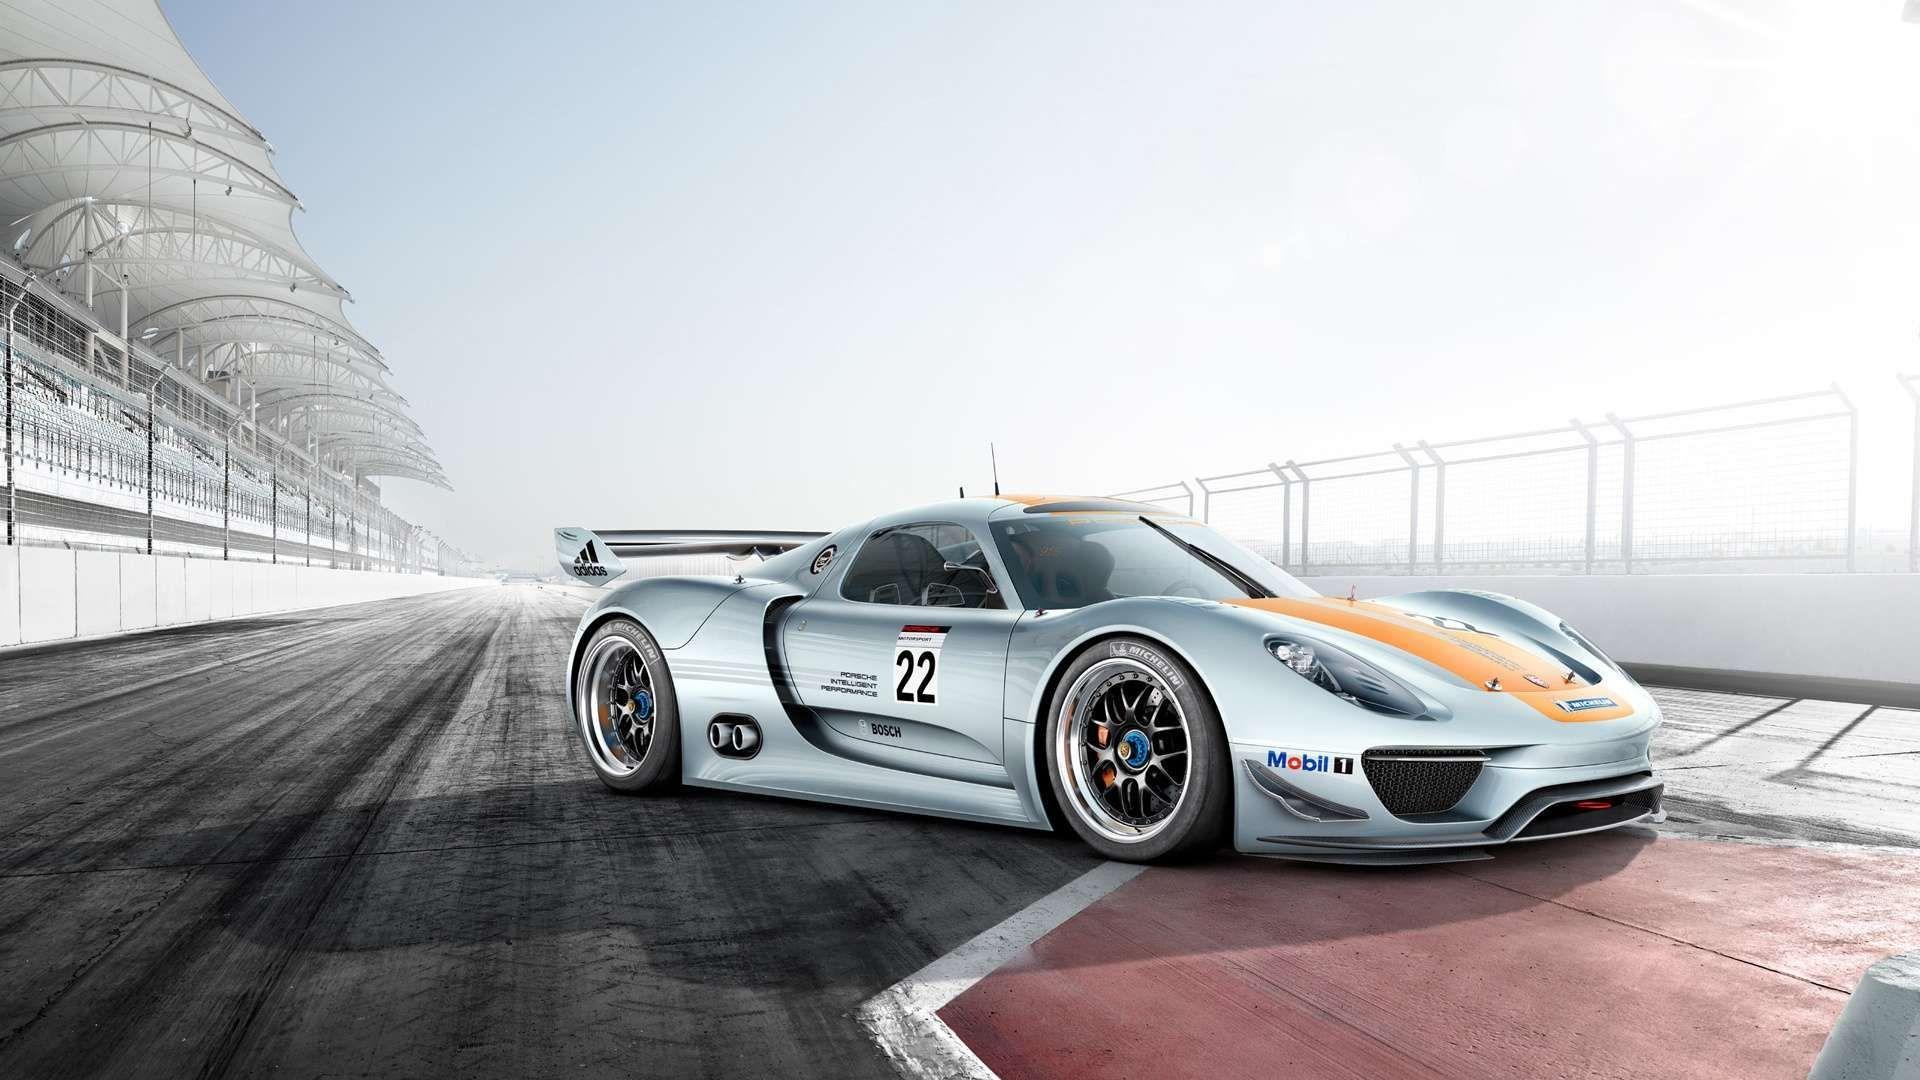 2011 Porsche 918 RSR Sport Car HD Widescreen Wallpapers Cars